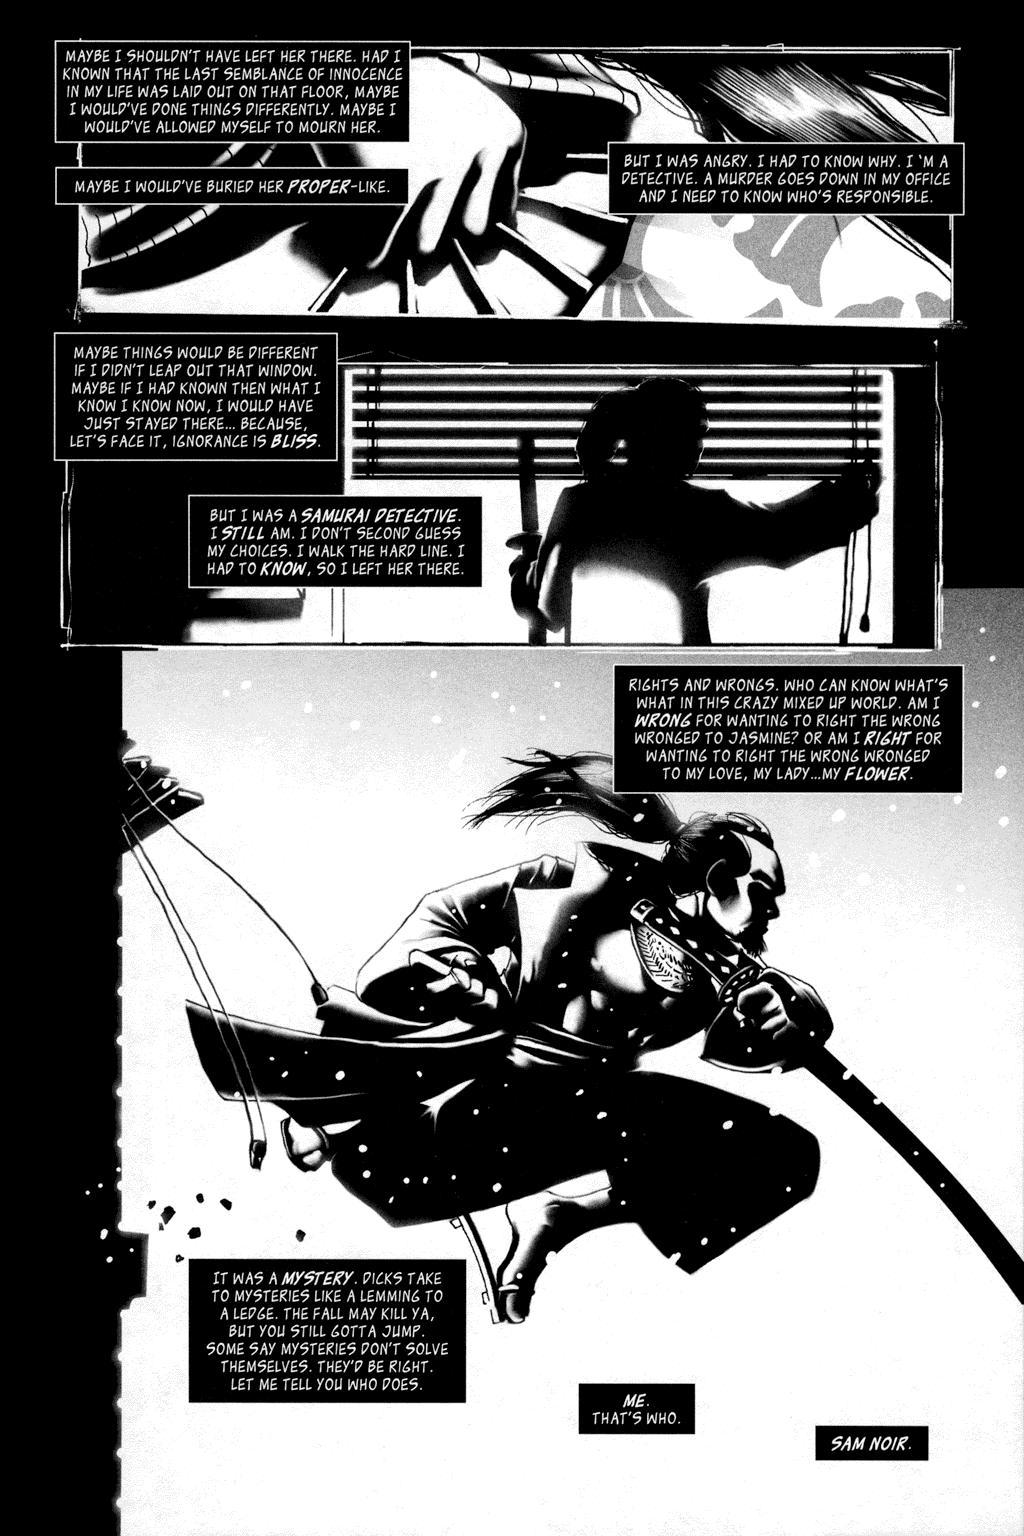 Sam Noir - Samurai Detective review